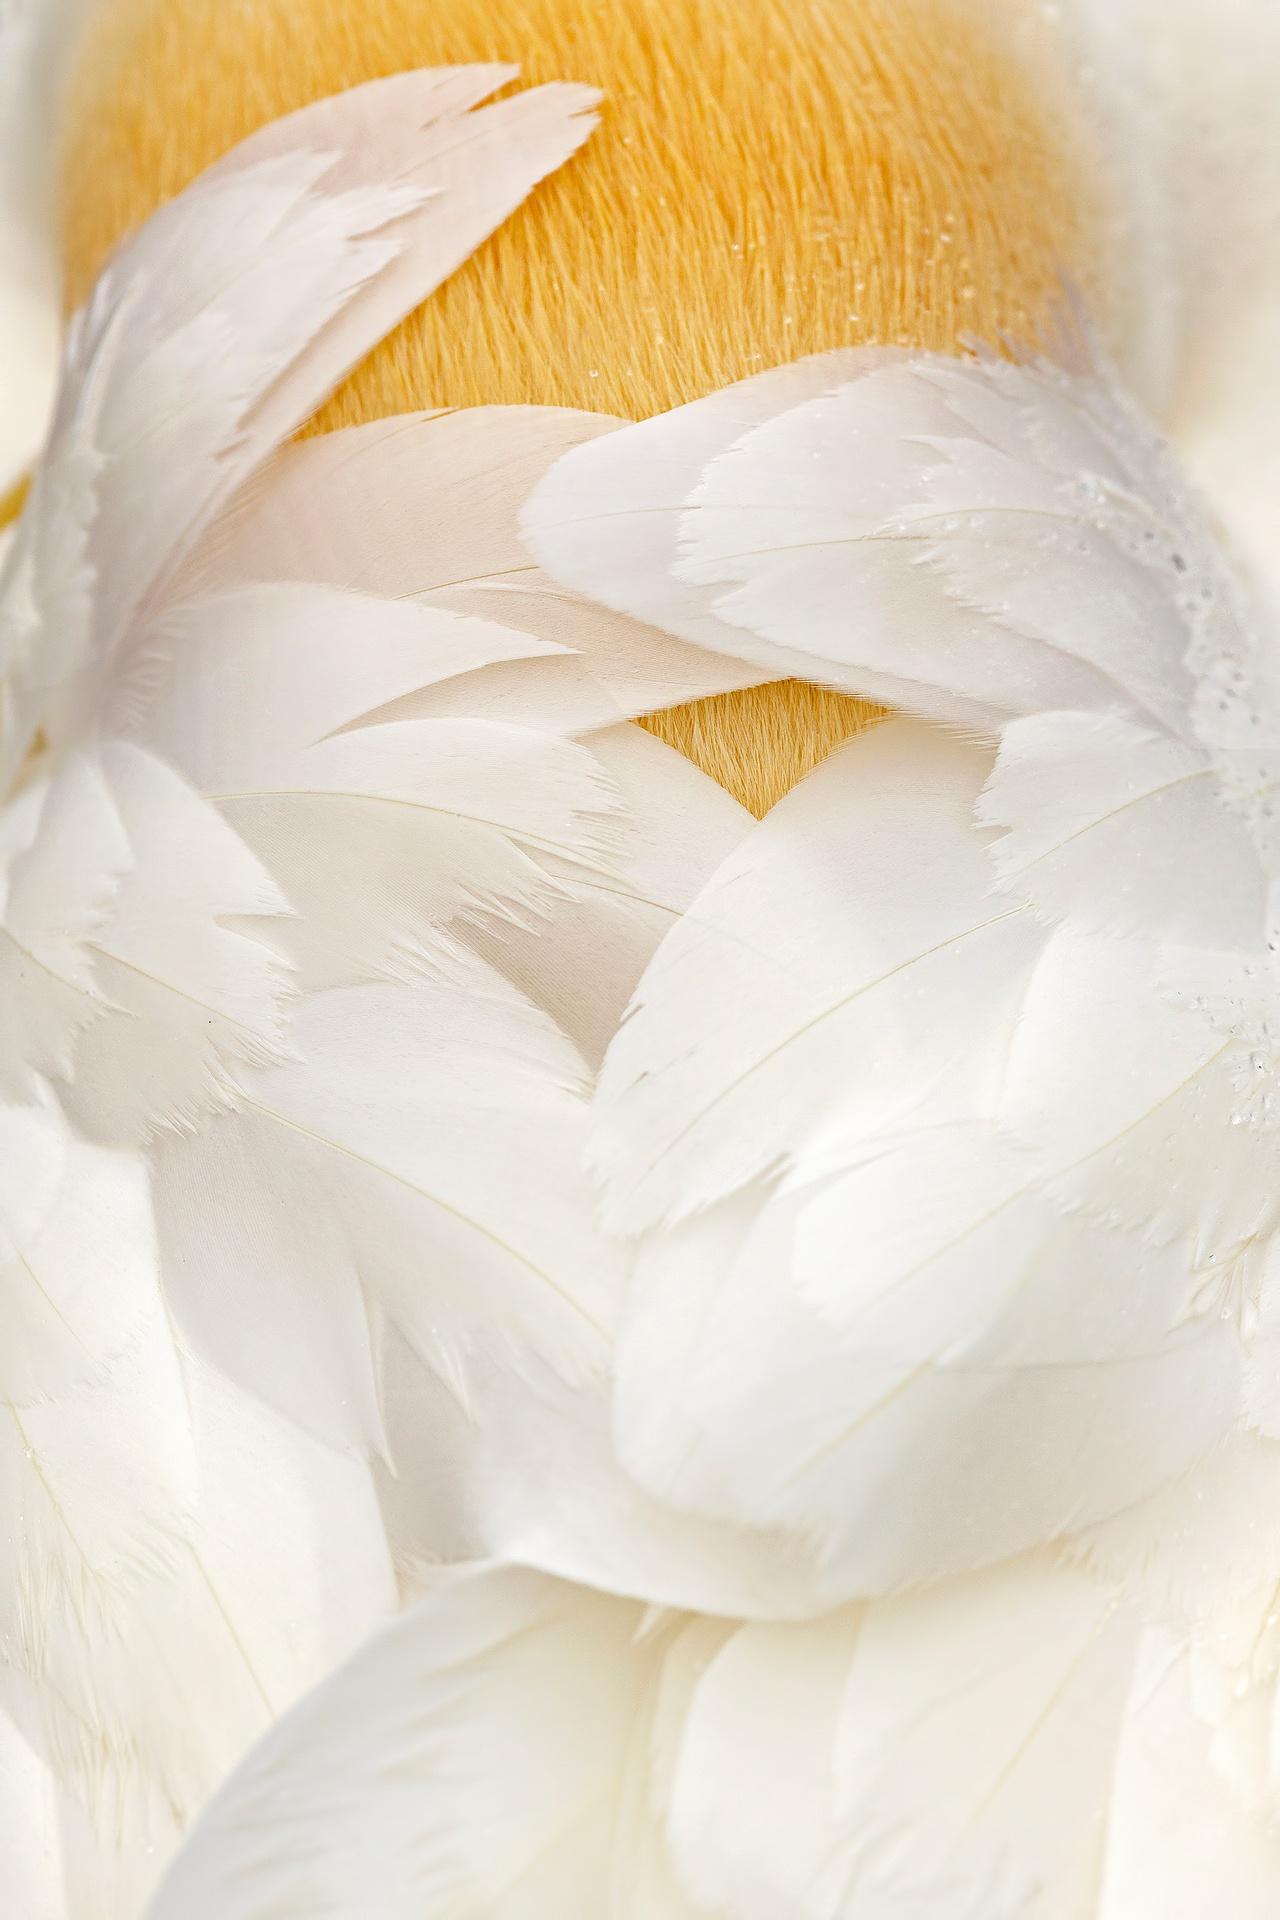 Ángel dormido - Mario Suarez - Portfolio Natural, Fotografía de Naturaleza de Autor